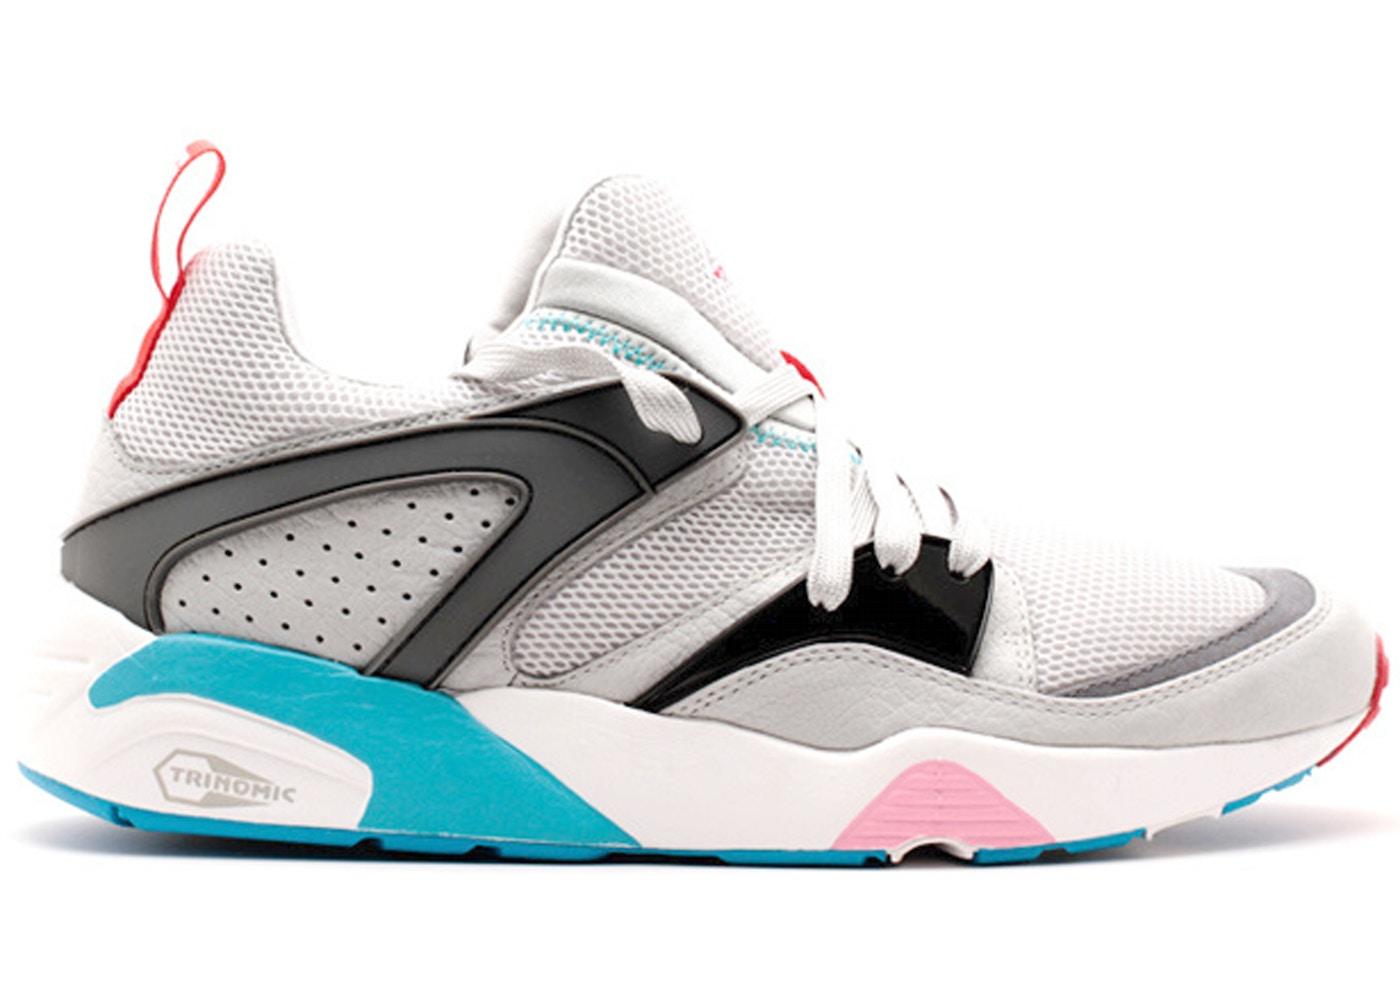 puma blaze of glory sneaker freaker great white 356683 01